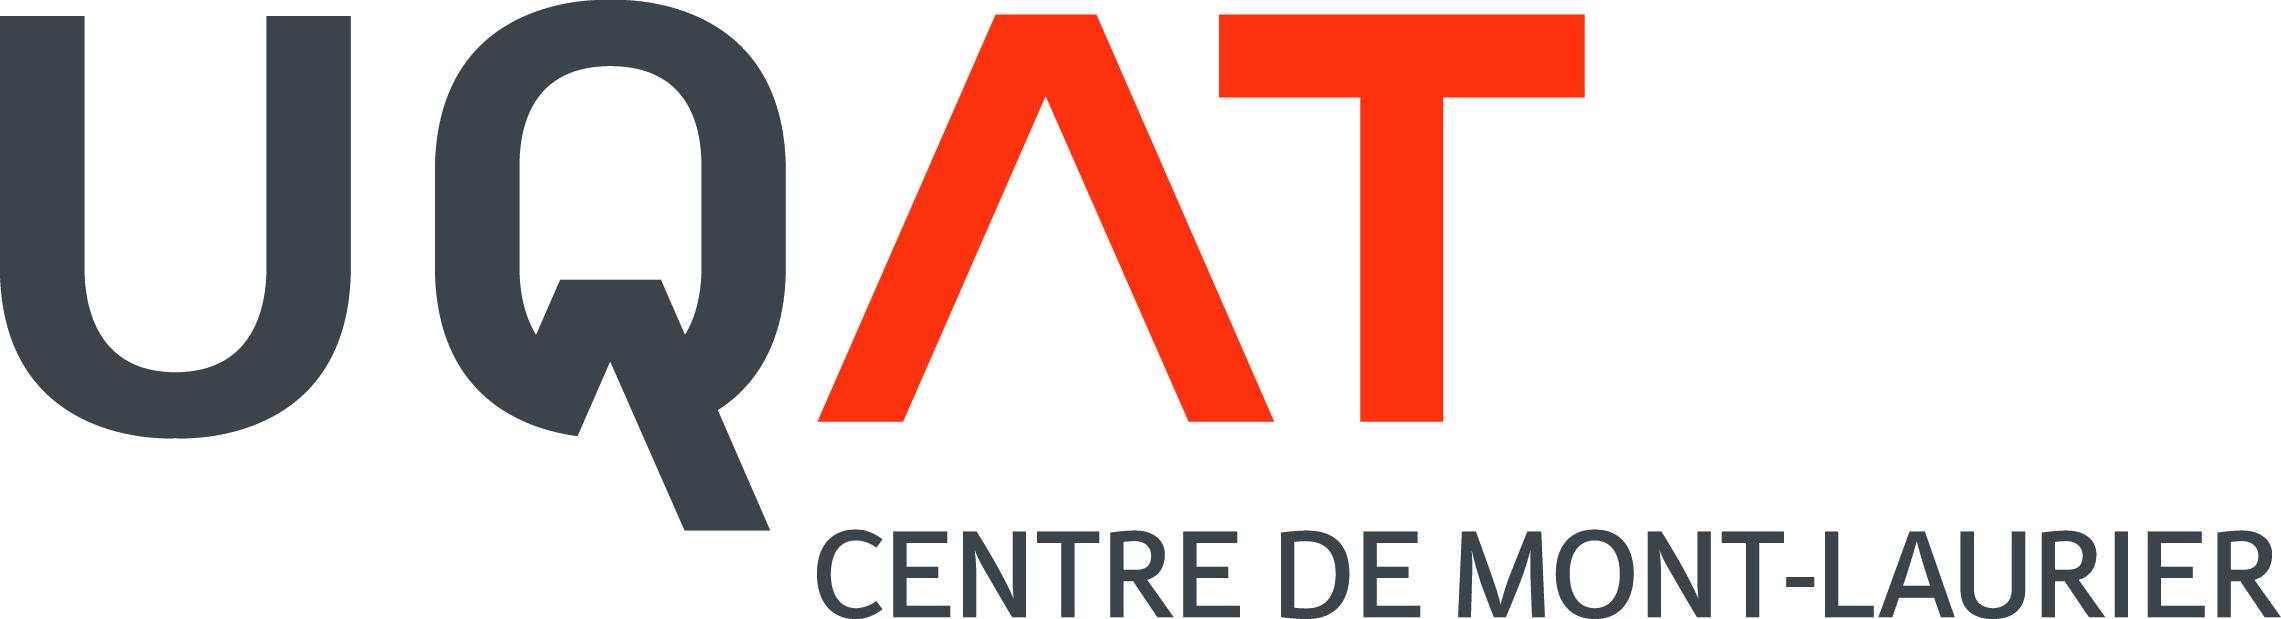 UQAT Mont-Laurier